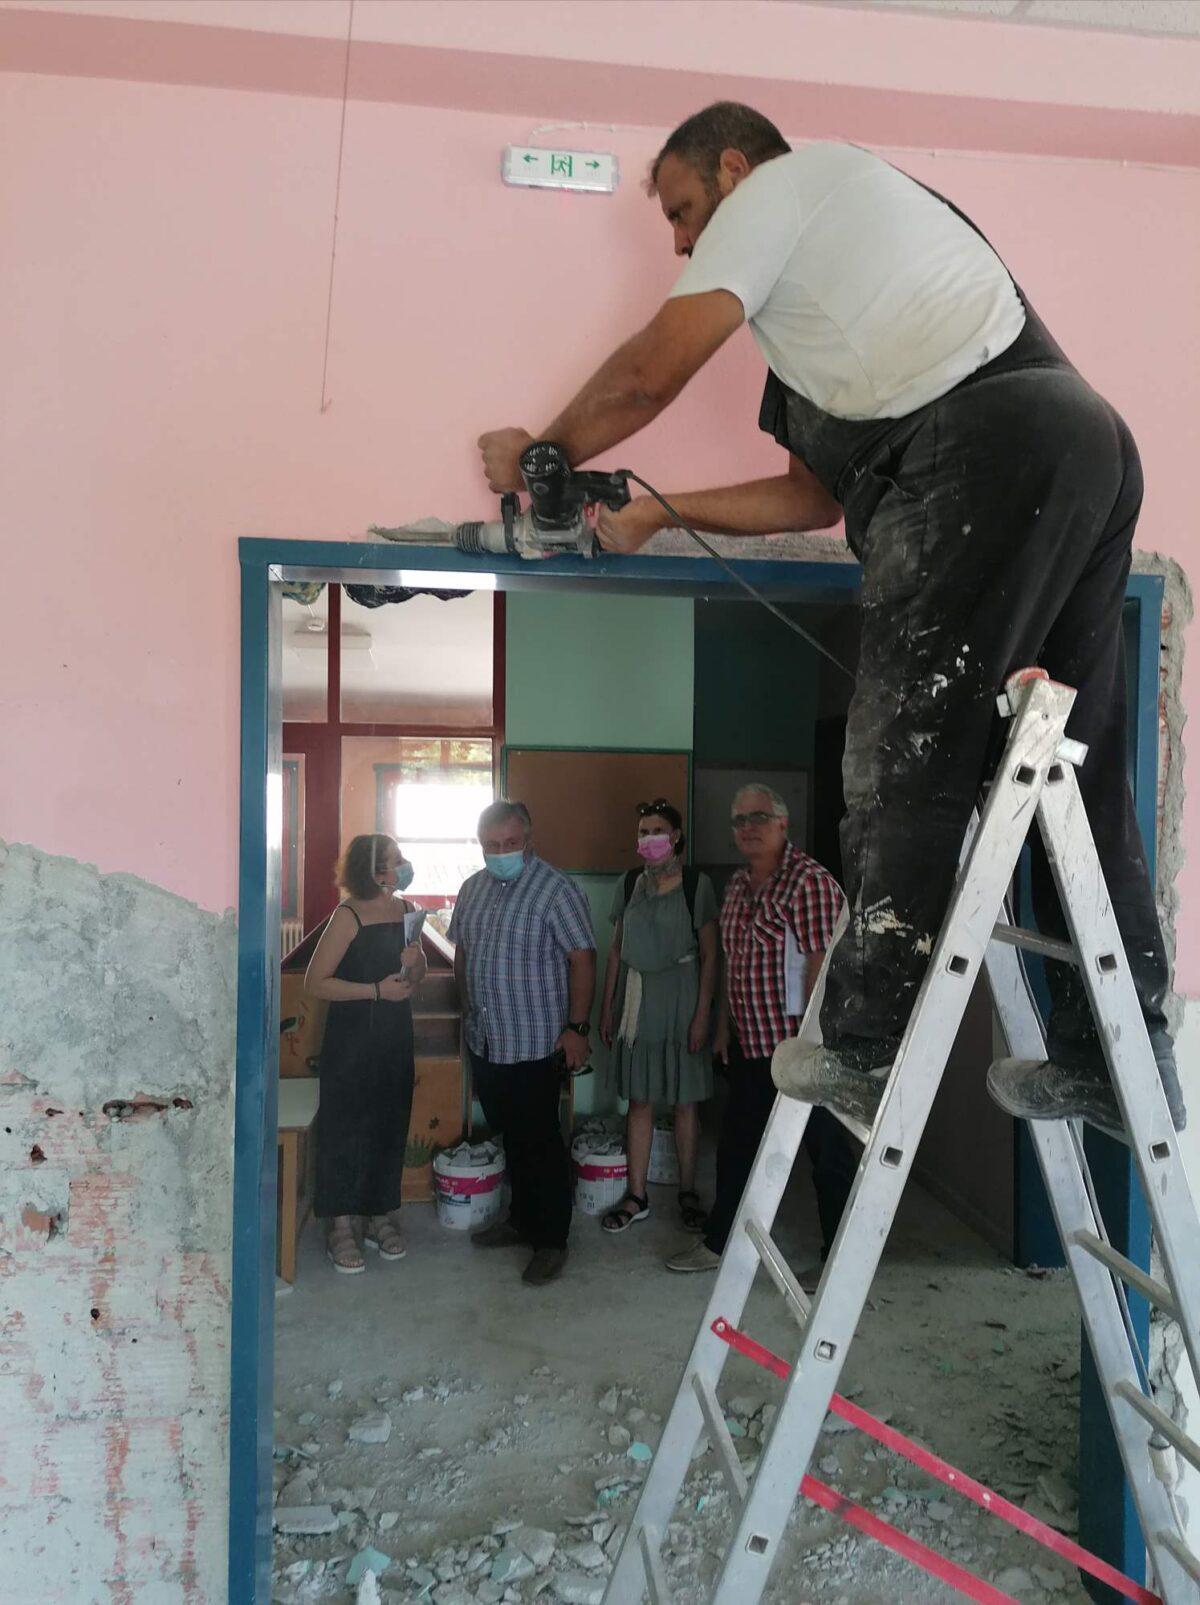 Δ. Ευόσμου – Κορδελιού: Έναρξη εργασιών μετατροπής Παιδικών Σταθμών σε Βρεφονηπιακούς